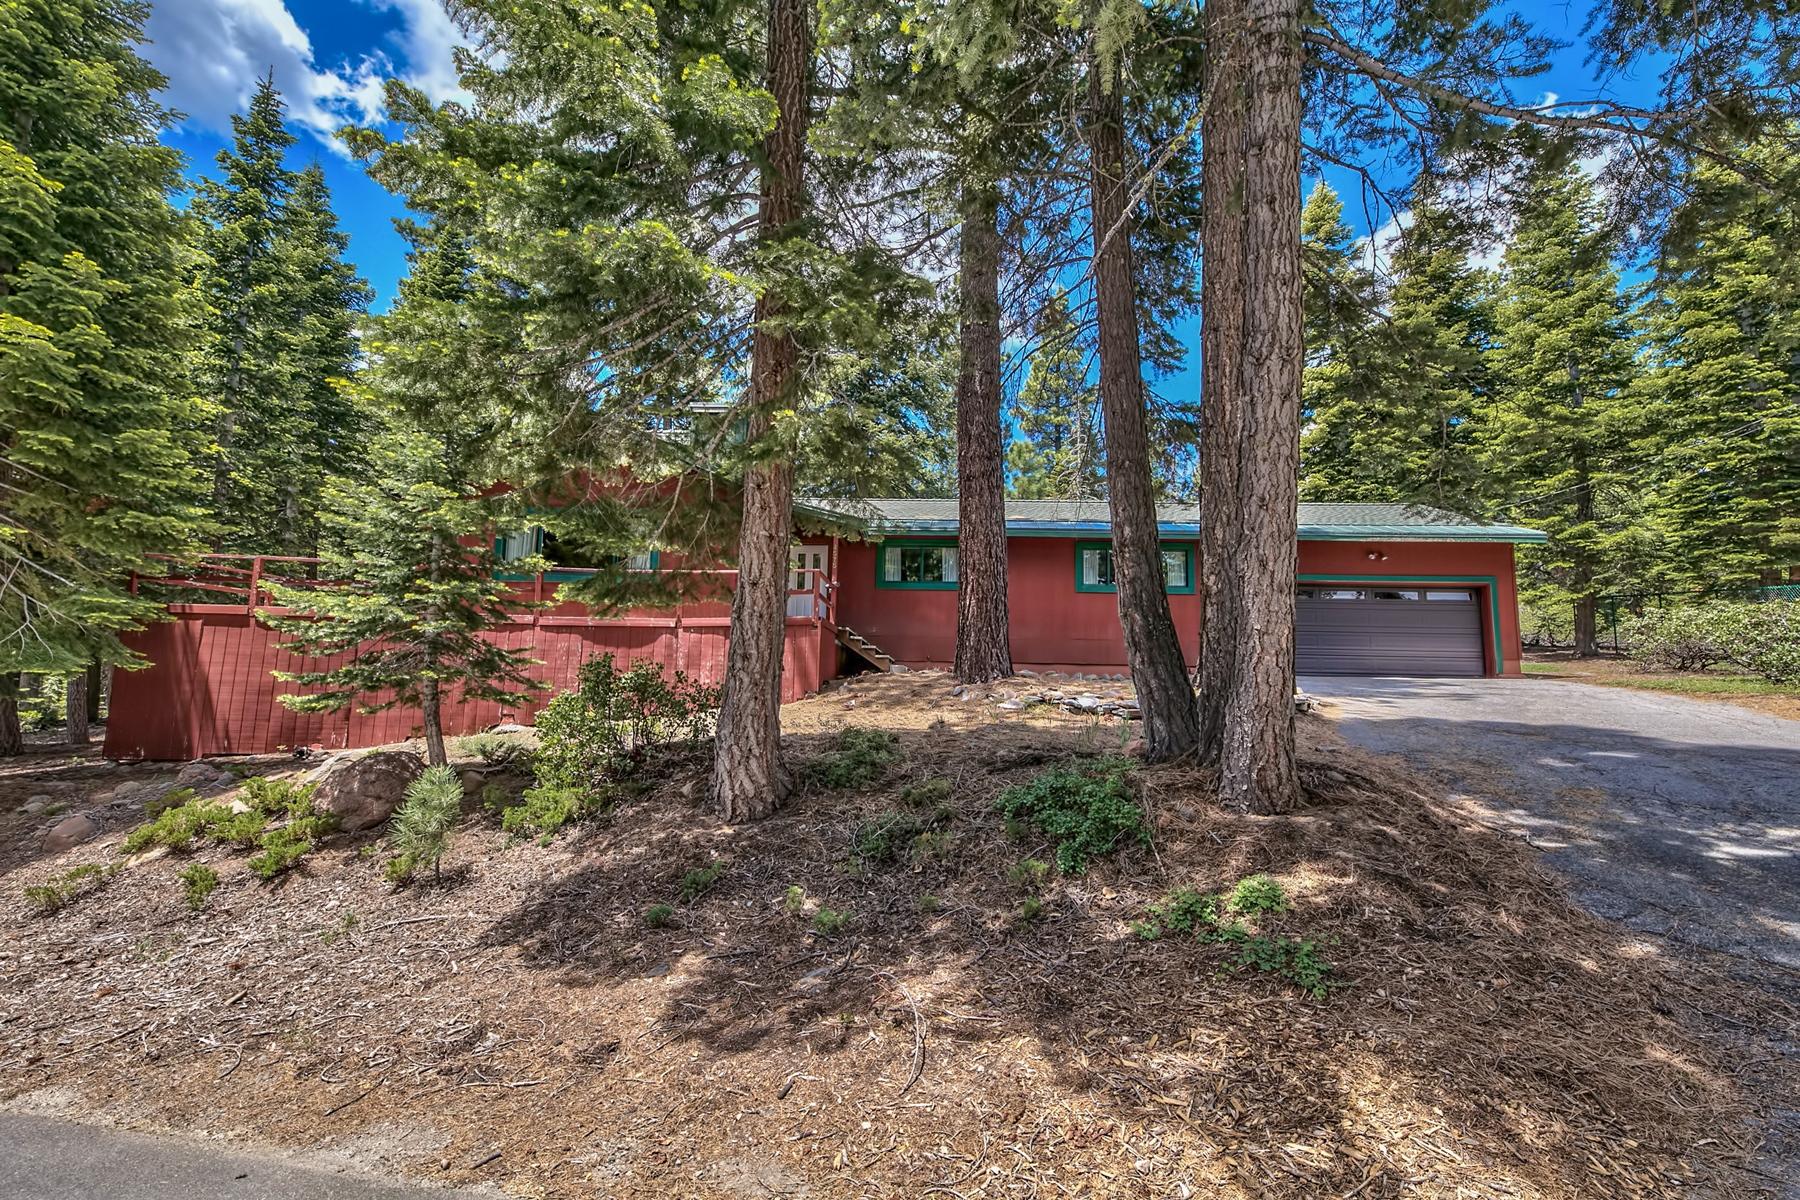 Μονοκατοικία για την Πώληση στο 4575 North Ridge Road, Carnelian Bay CA, 96140 4575 North Ridge Road Carnelian Bay, Καλιφορνια 96140 Ηνωμενεσ Πολιτειεσ